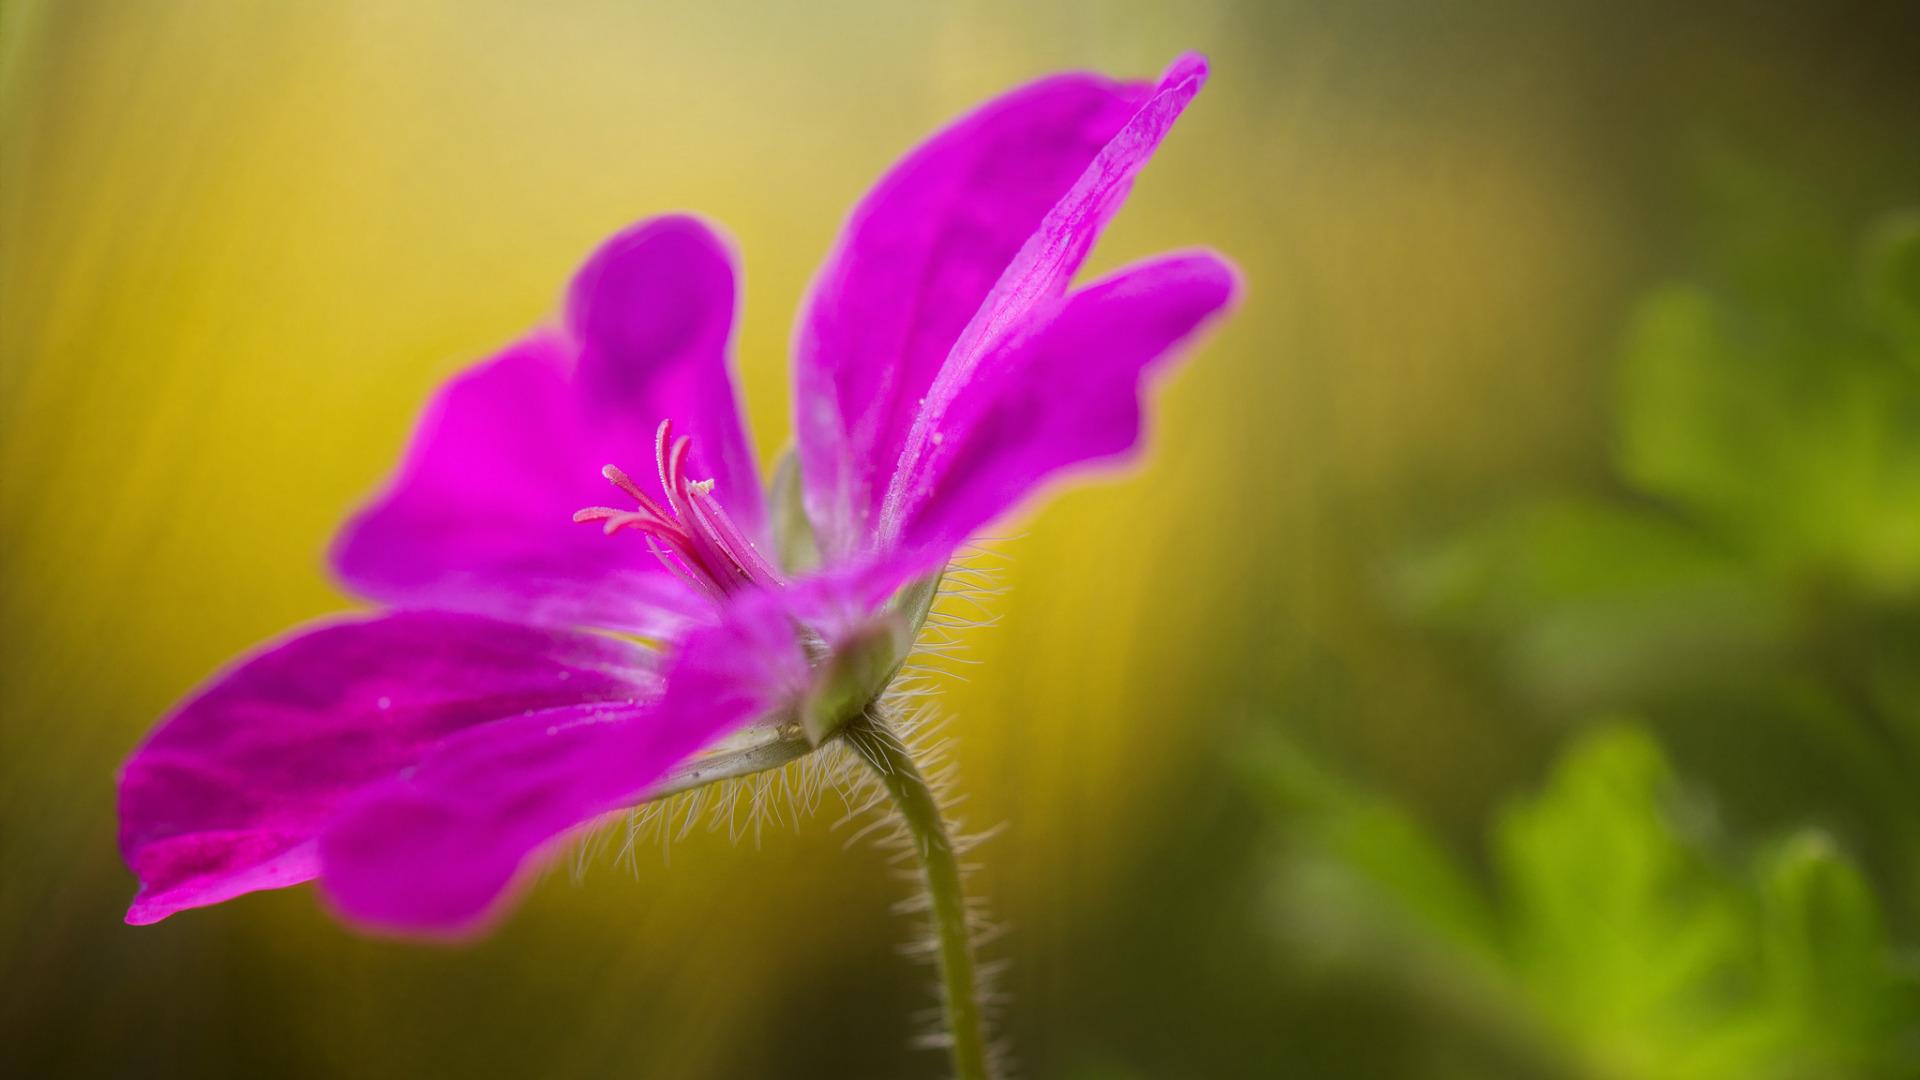 цветок, макро, розовый, природа, растения  № 695989 загрузить